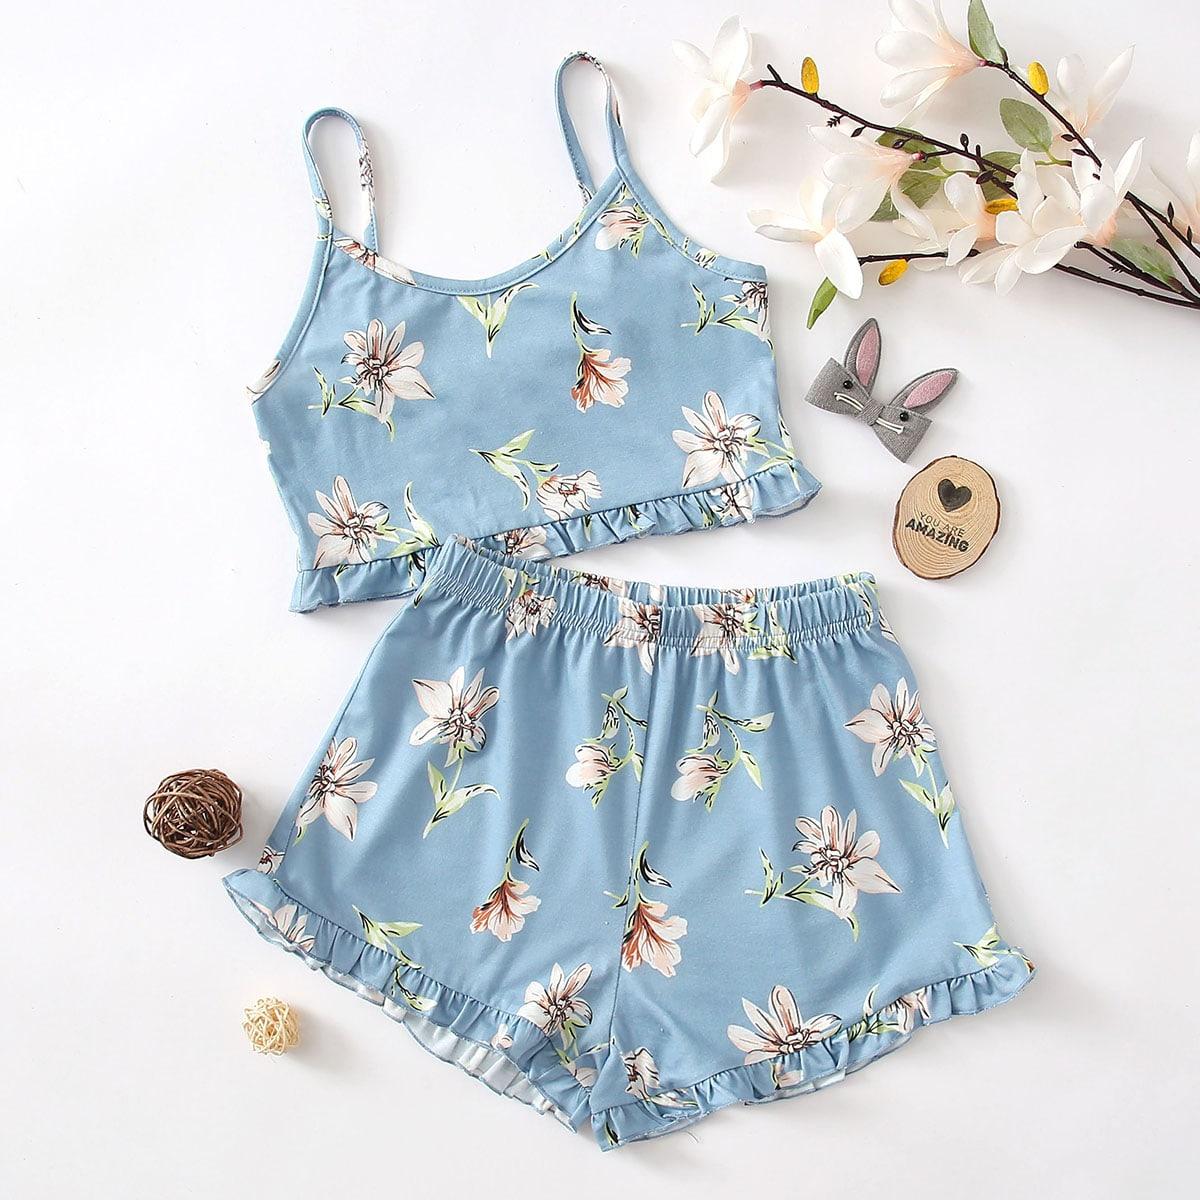 Пыльно-синий Оборка Цветочный принт Повседневный Домашняя одежда для девочек